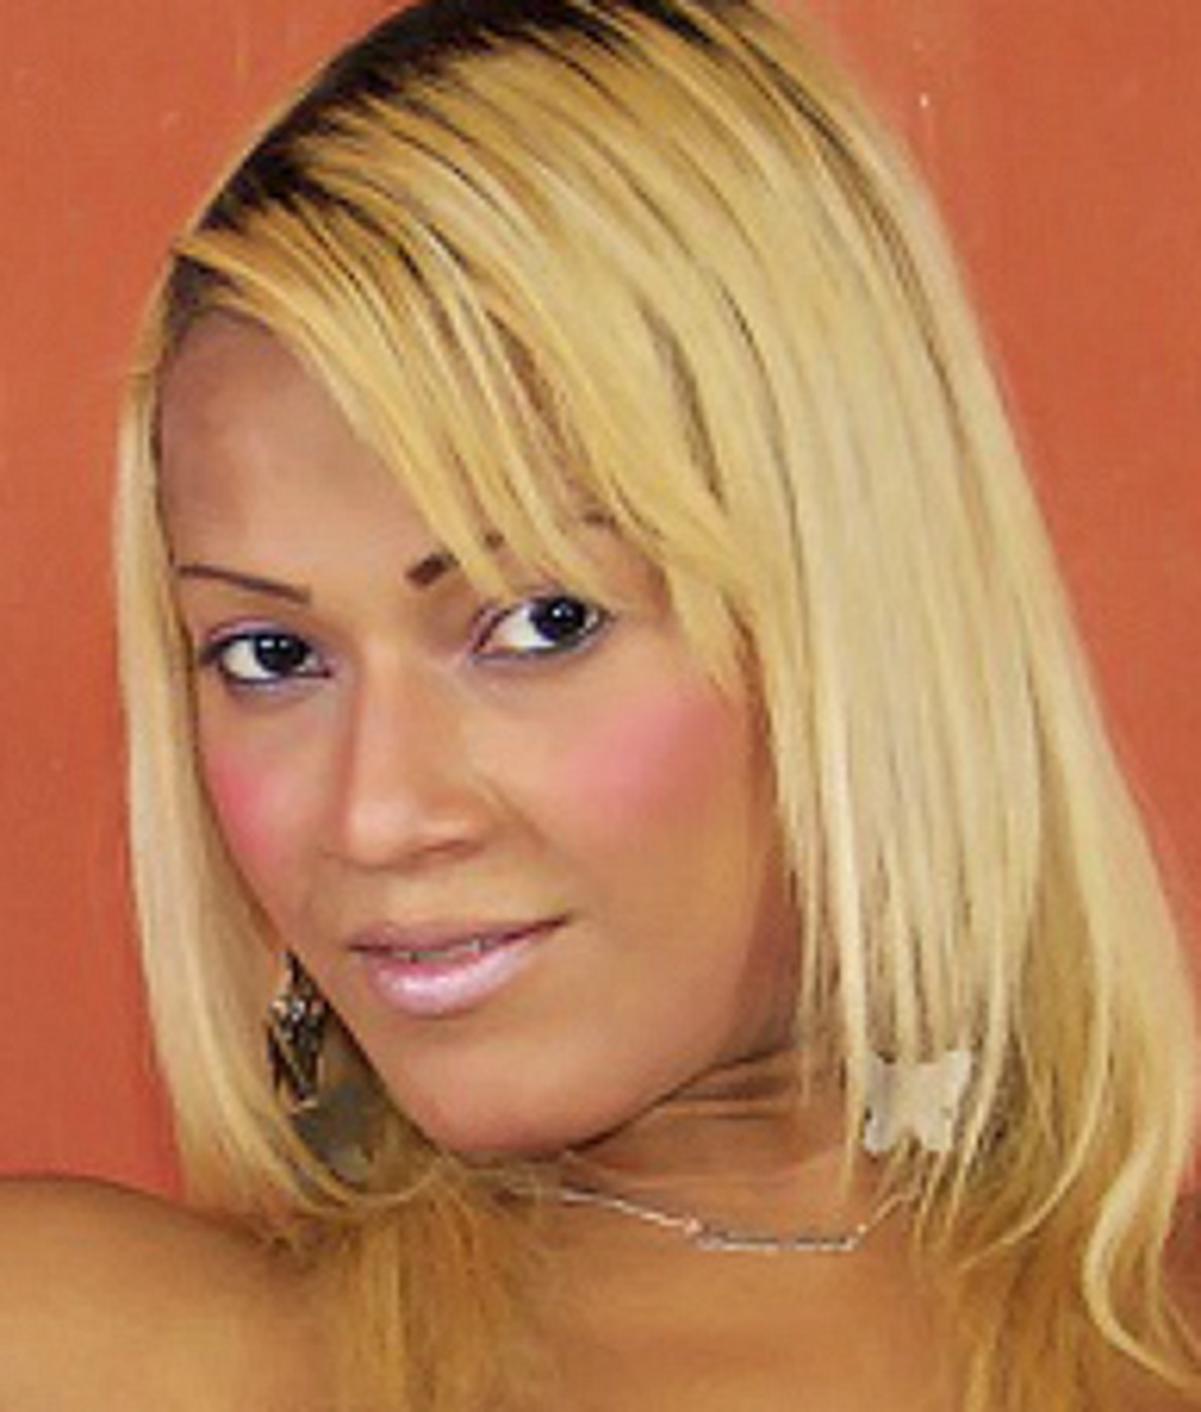 Nicolly Nogueira